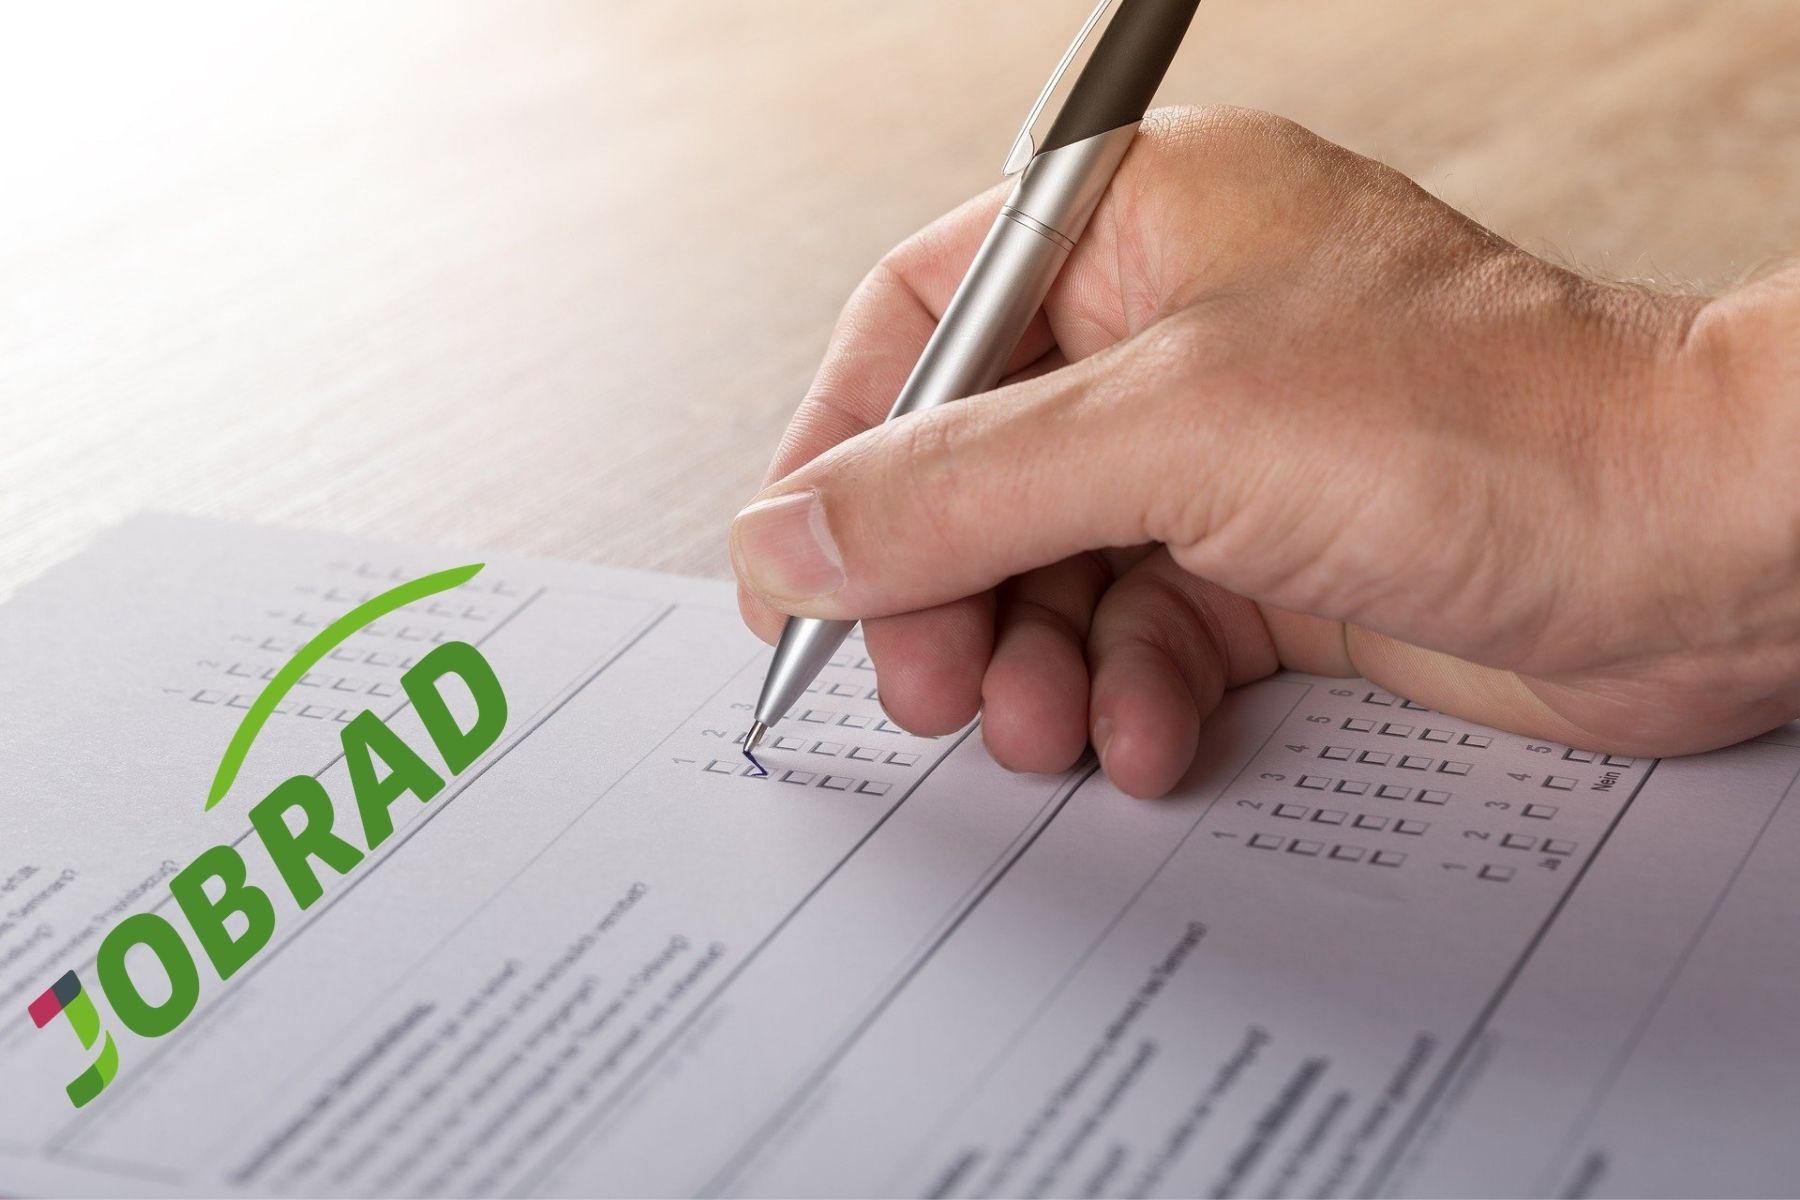 JobRad-Fachhändlerumfrage: Branchenwachstum soll durch mehr Radverkehrsförderung abgesichert werden